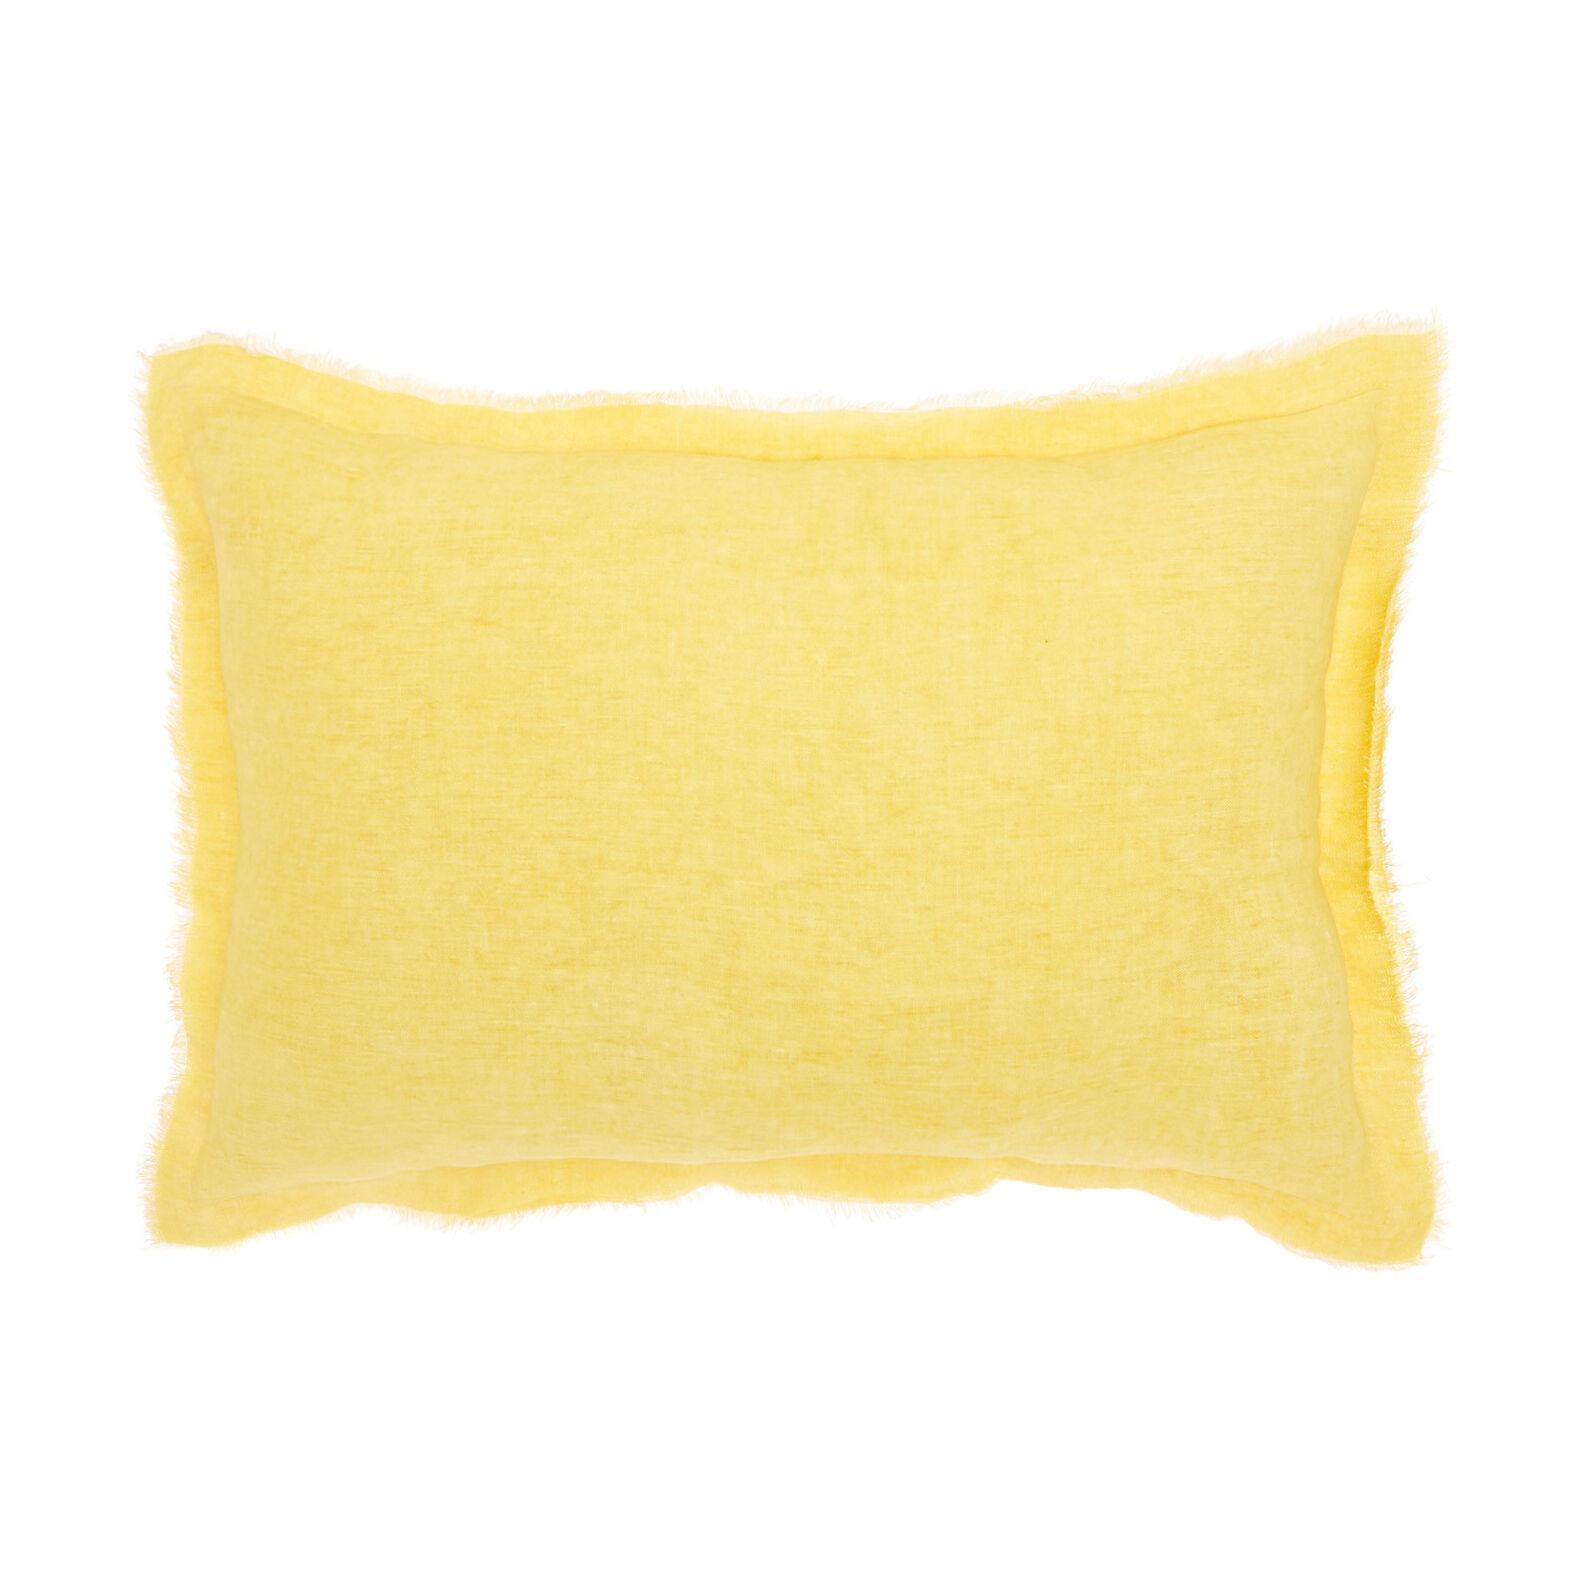 Solid colour 100% linen cushion 35x55cm